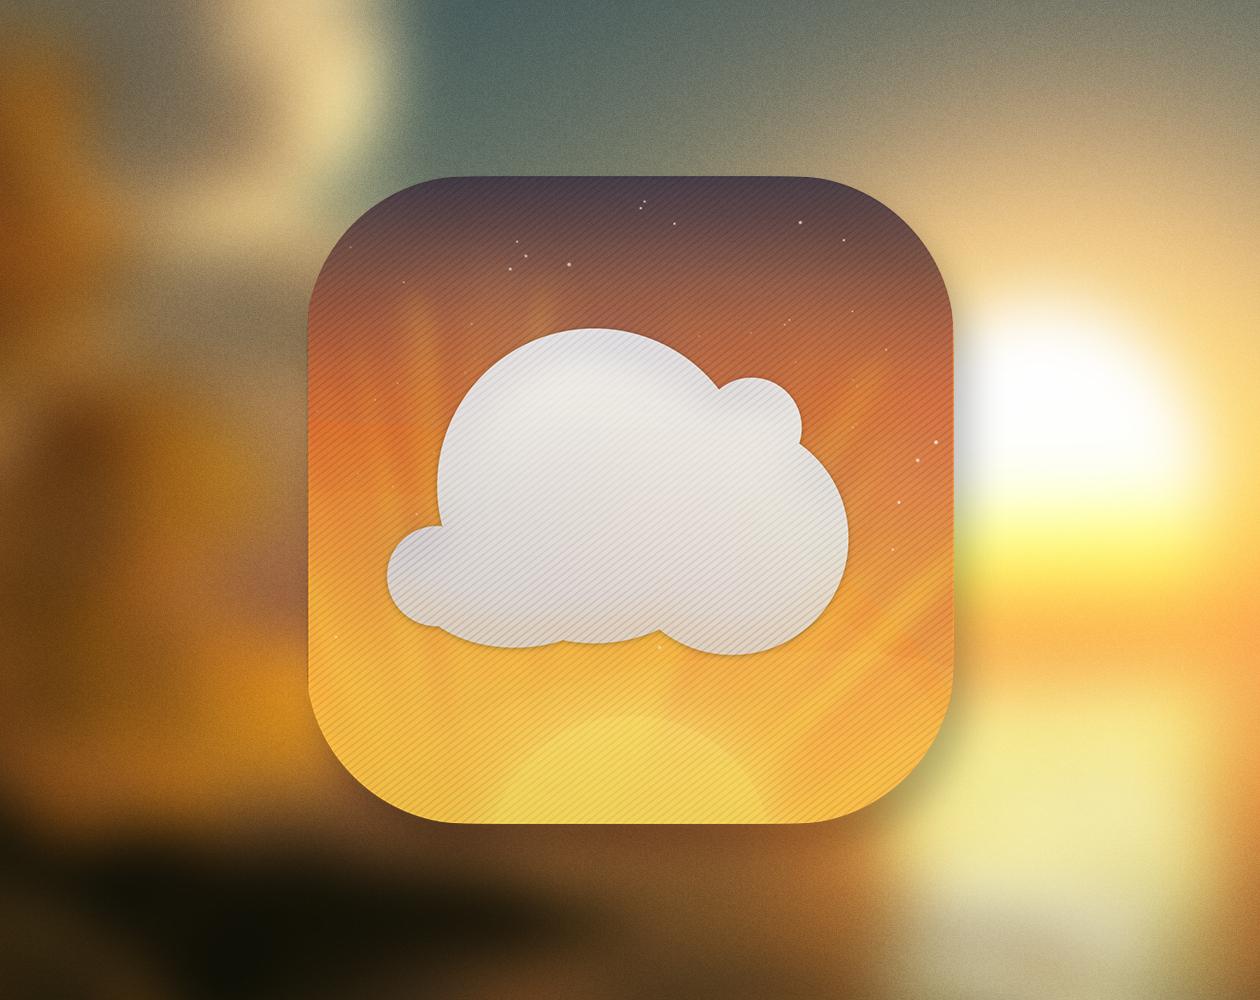 Rise & Shine для iOS —будильник, который не перестанет звонить, пока вы не улыбнётесь